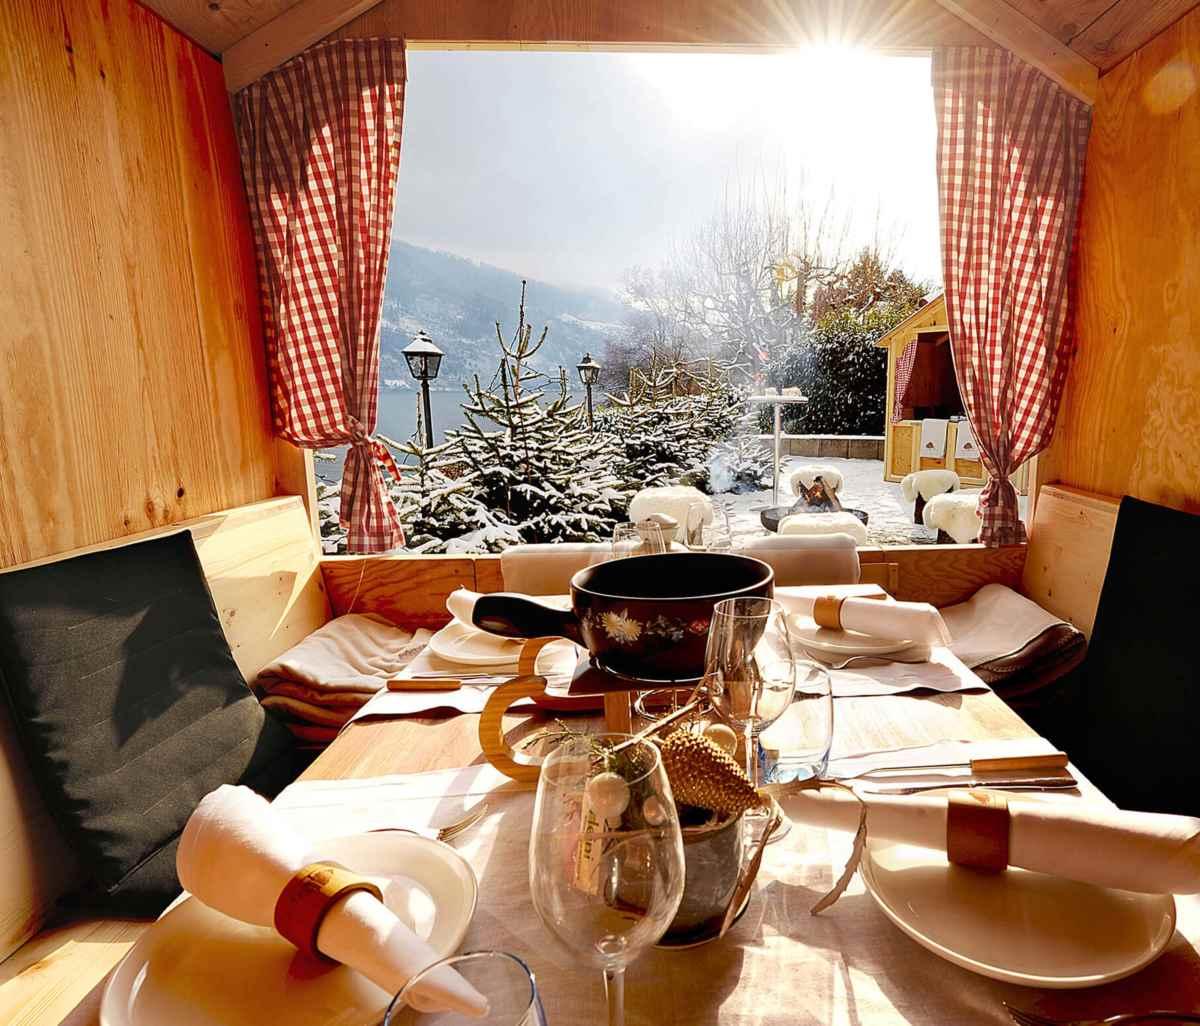 Saunaboot Hotel Kastanienbaum - das Sauna Erlebnis mitten auf dem Vierwaldstättersee